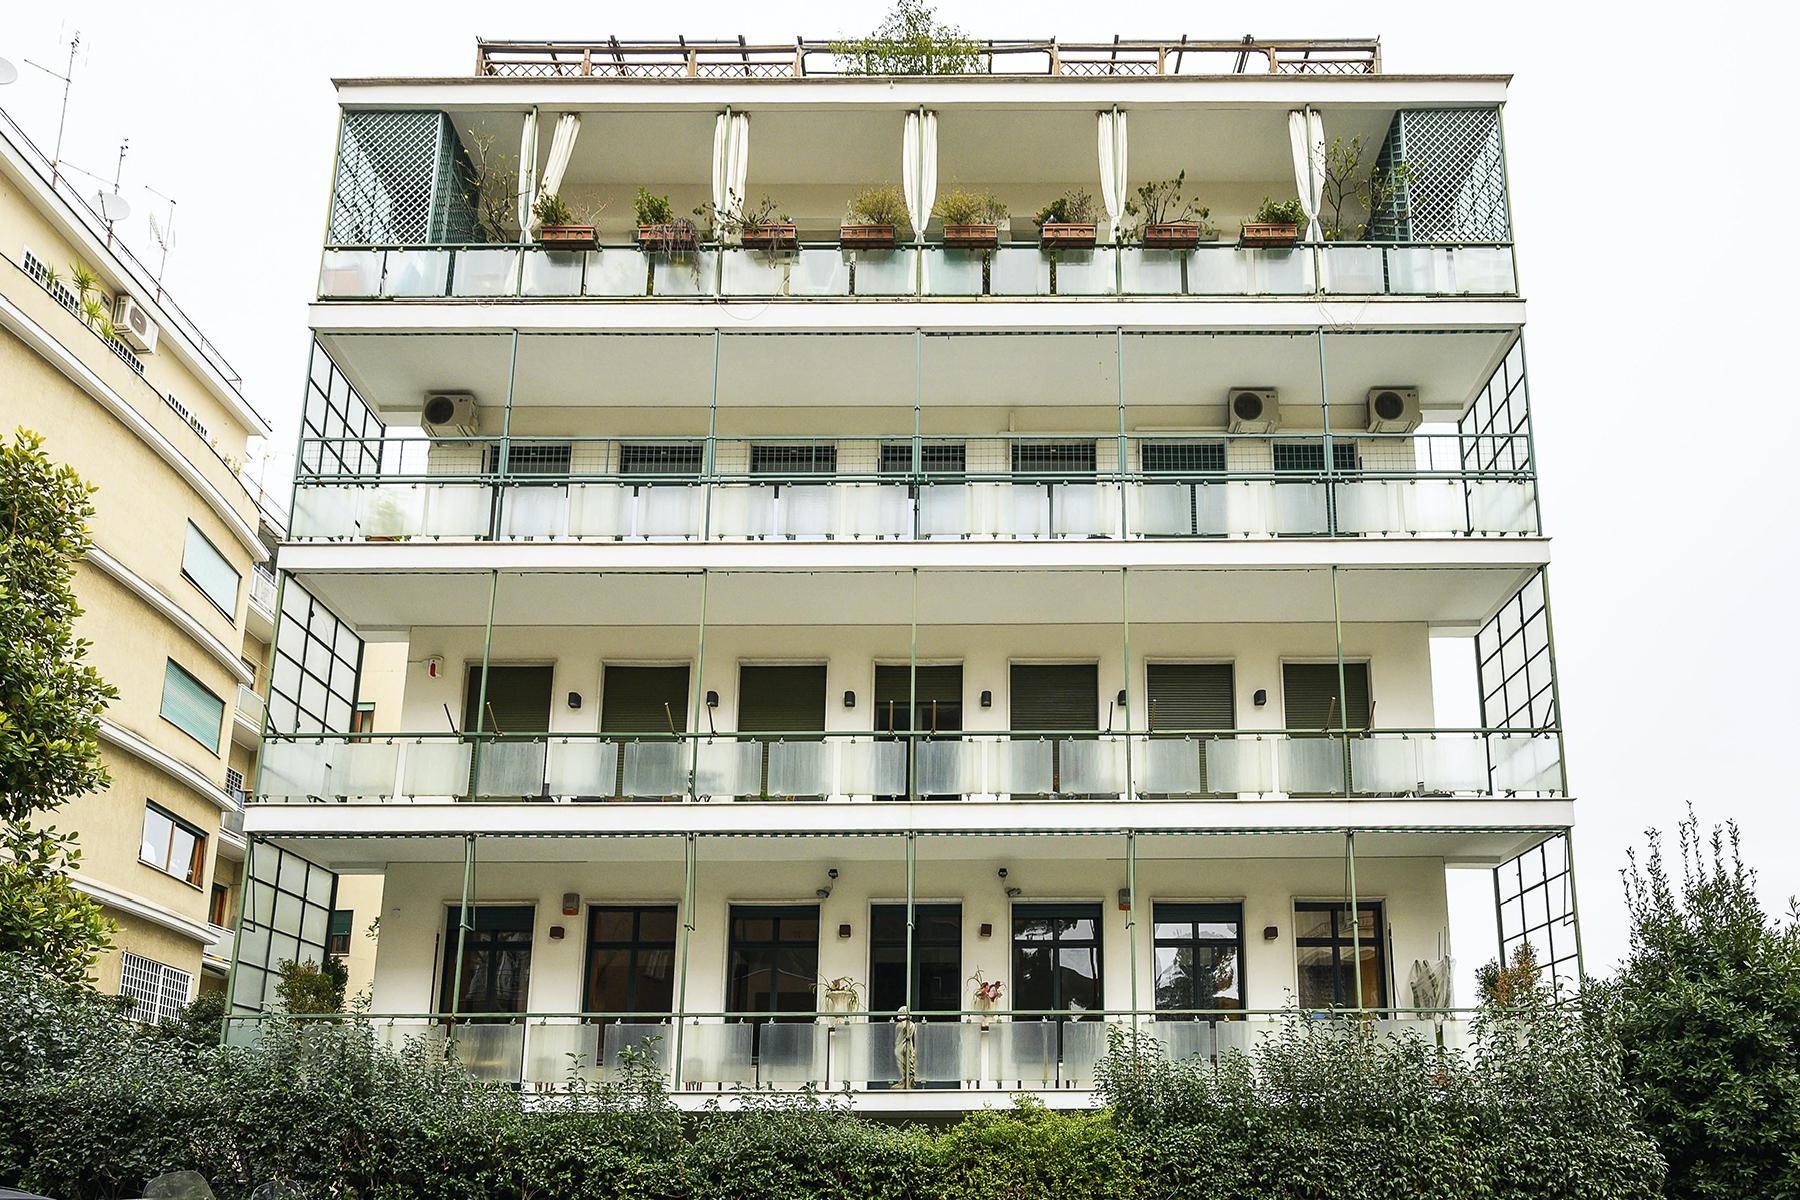 Appartamento in Affitto a Roma 02 Parioli / Pinciano / Flaminio: 5 locali, 180 mq